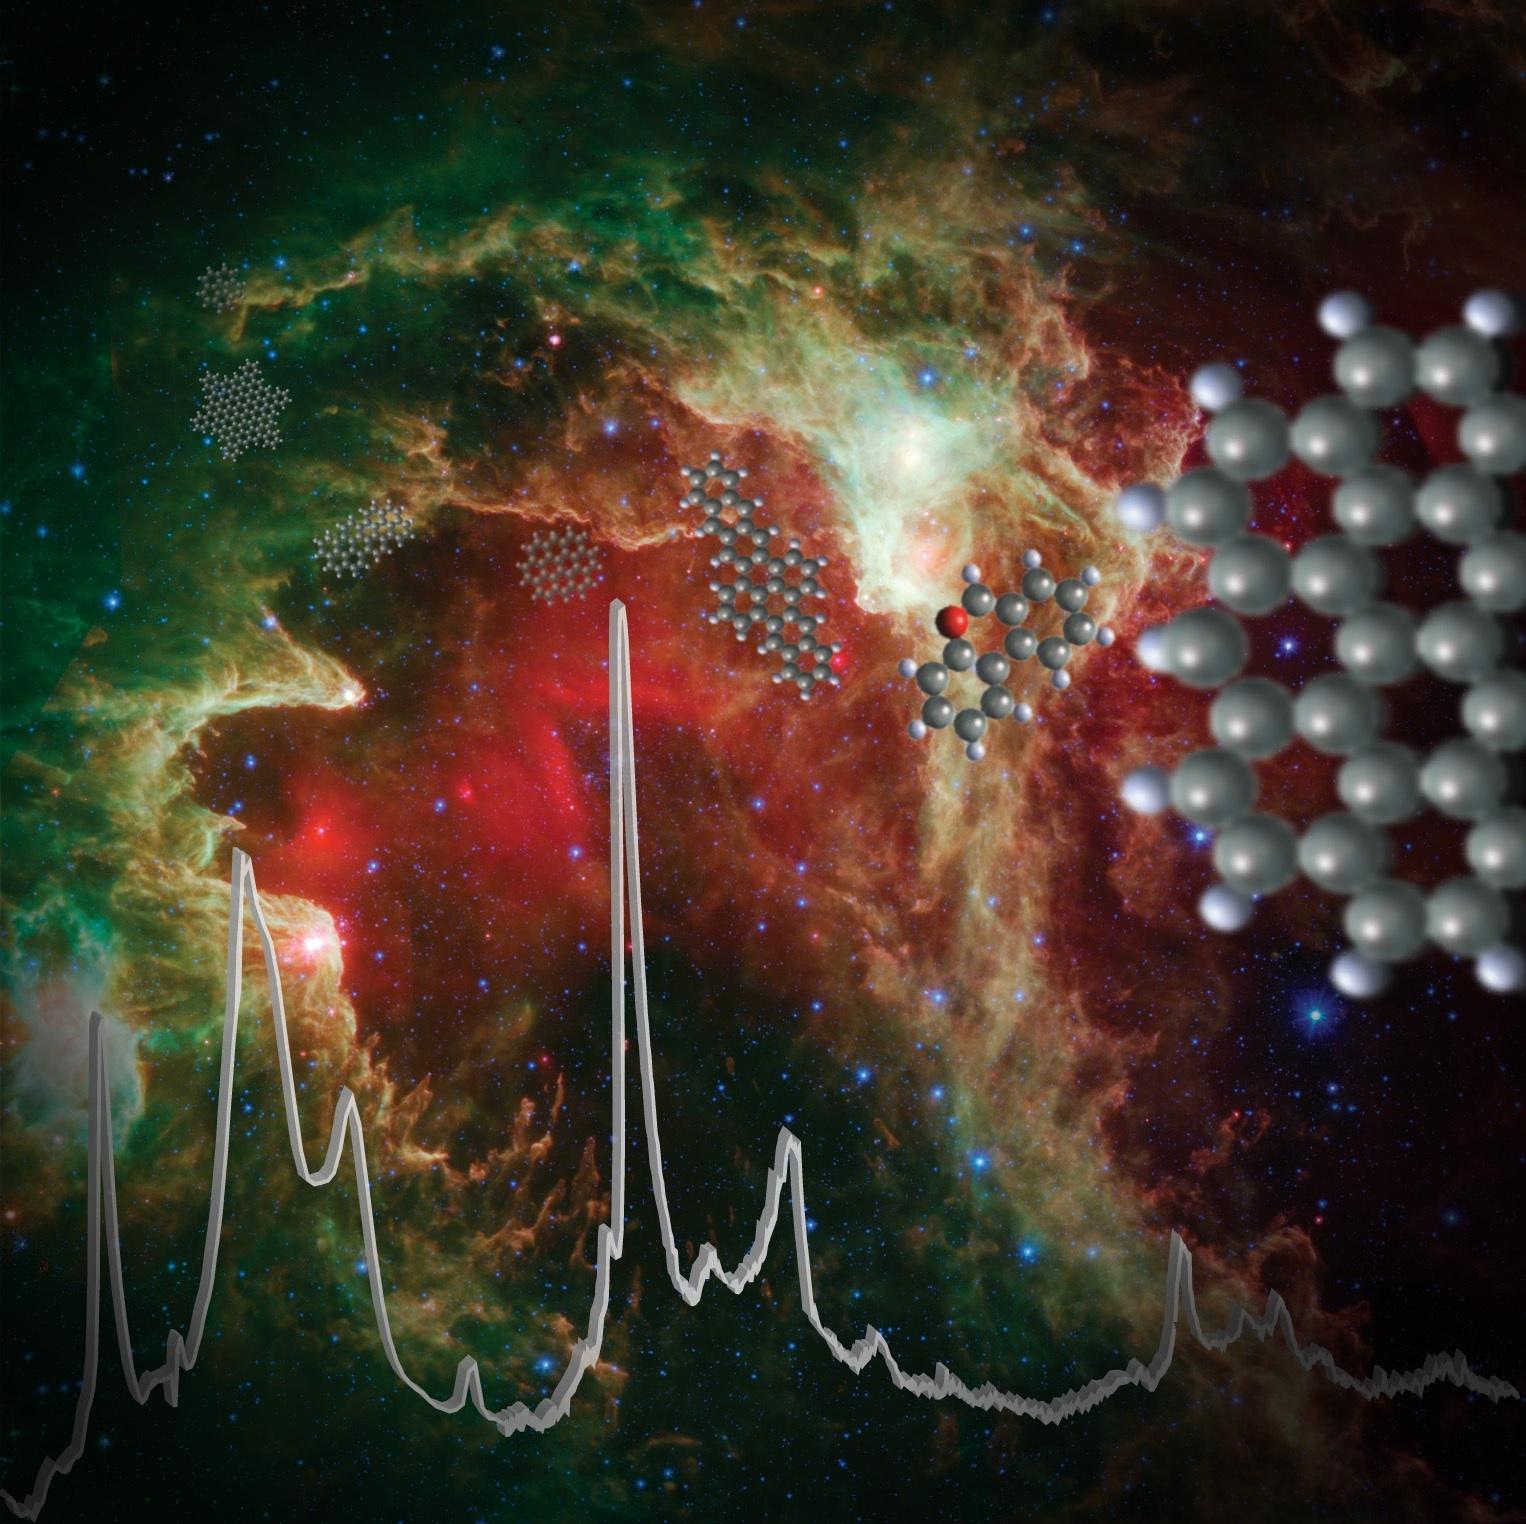 PAH-ok infravörös ujjlenyomata a Föld körüli ködfoltban